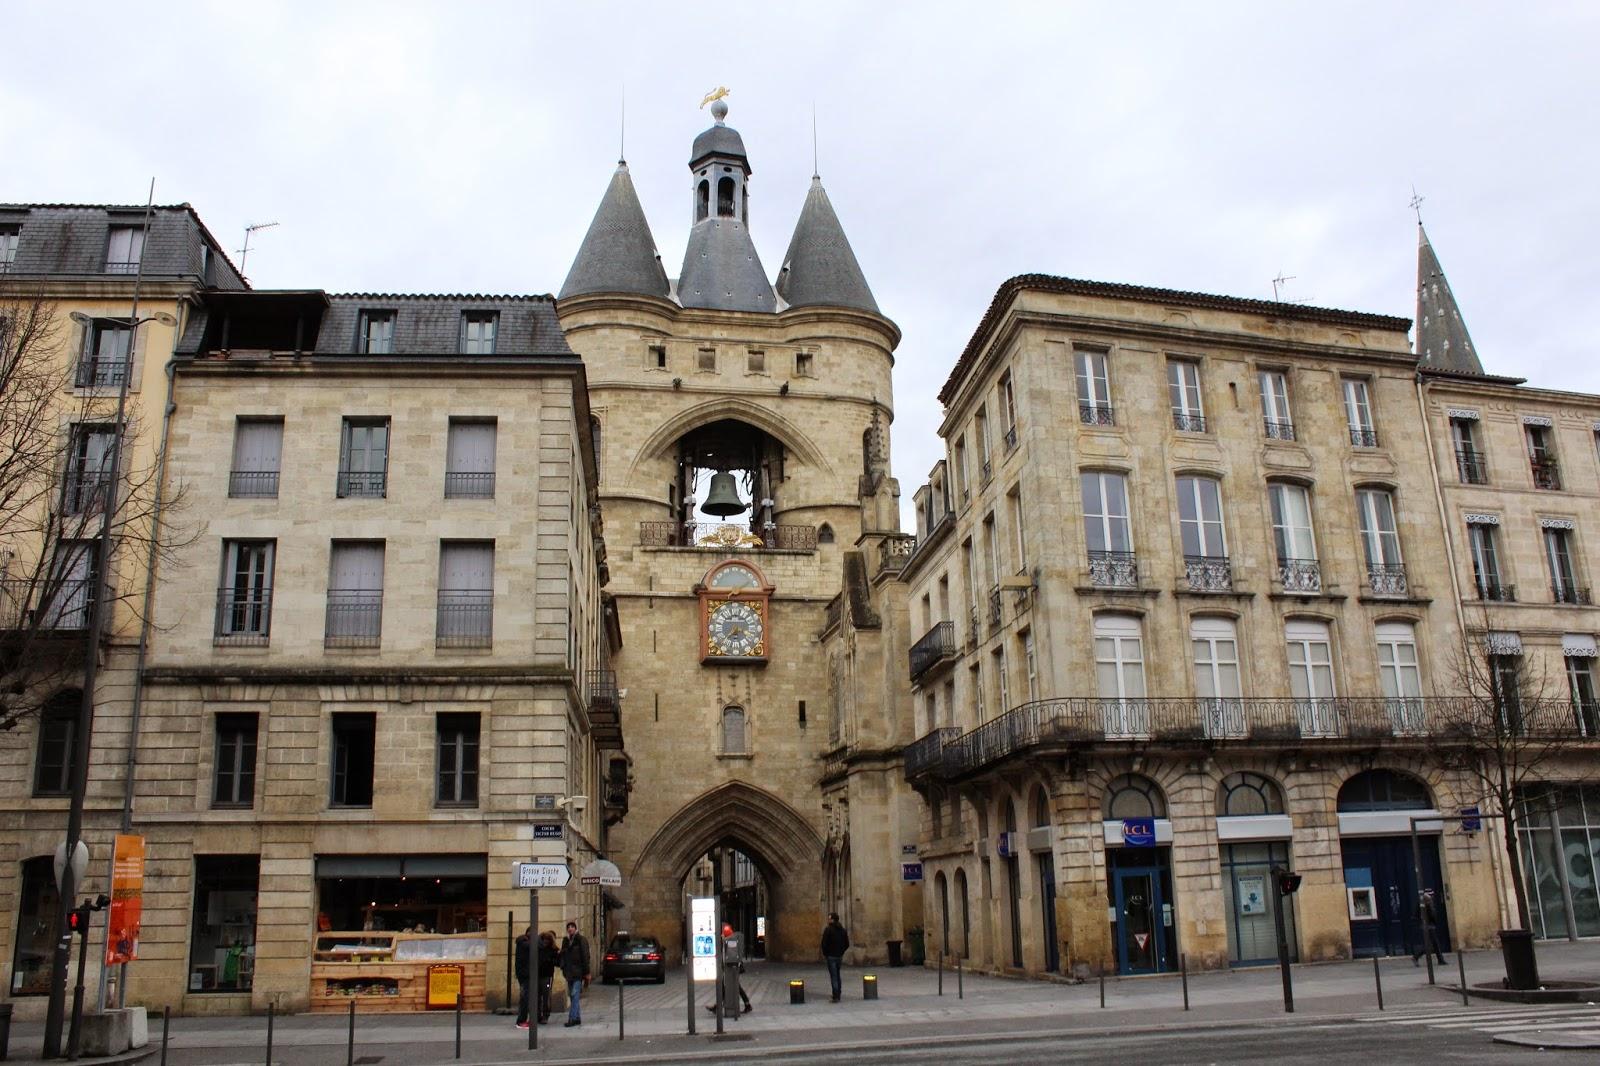 Porte saint eloi la grosse cloche bordeaux for Appartement bordeaux grosse cloche